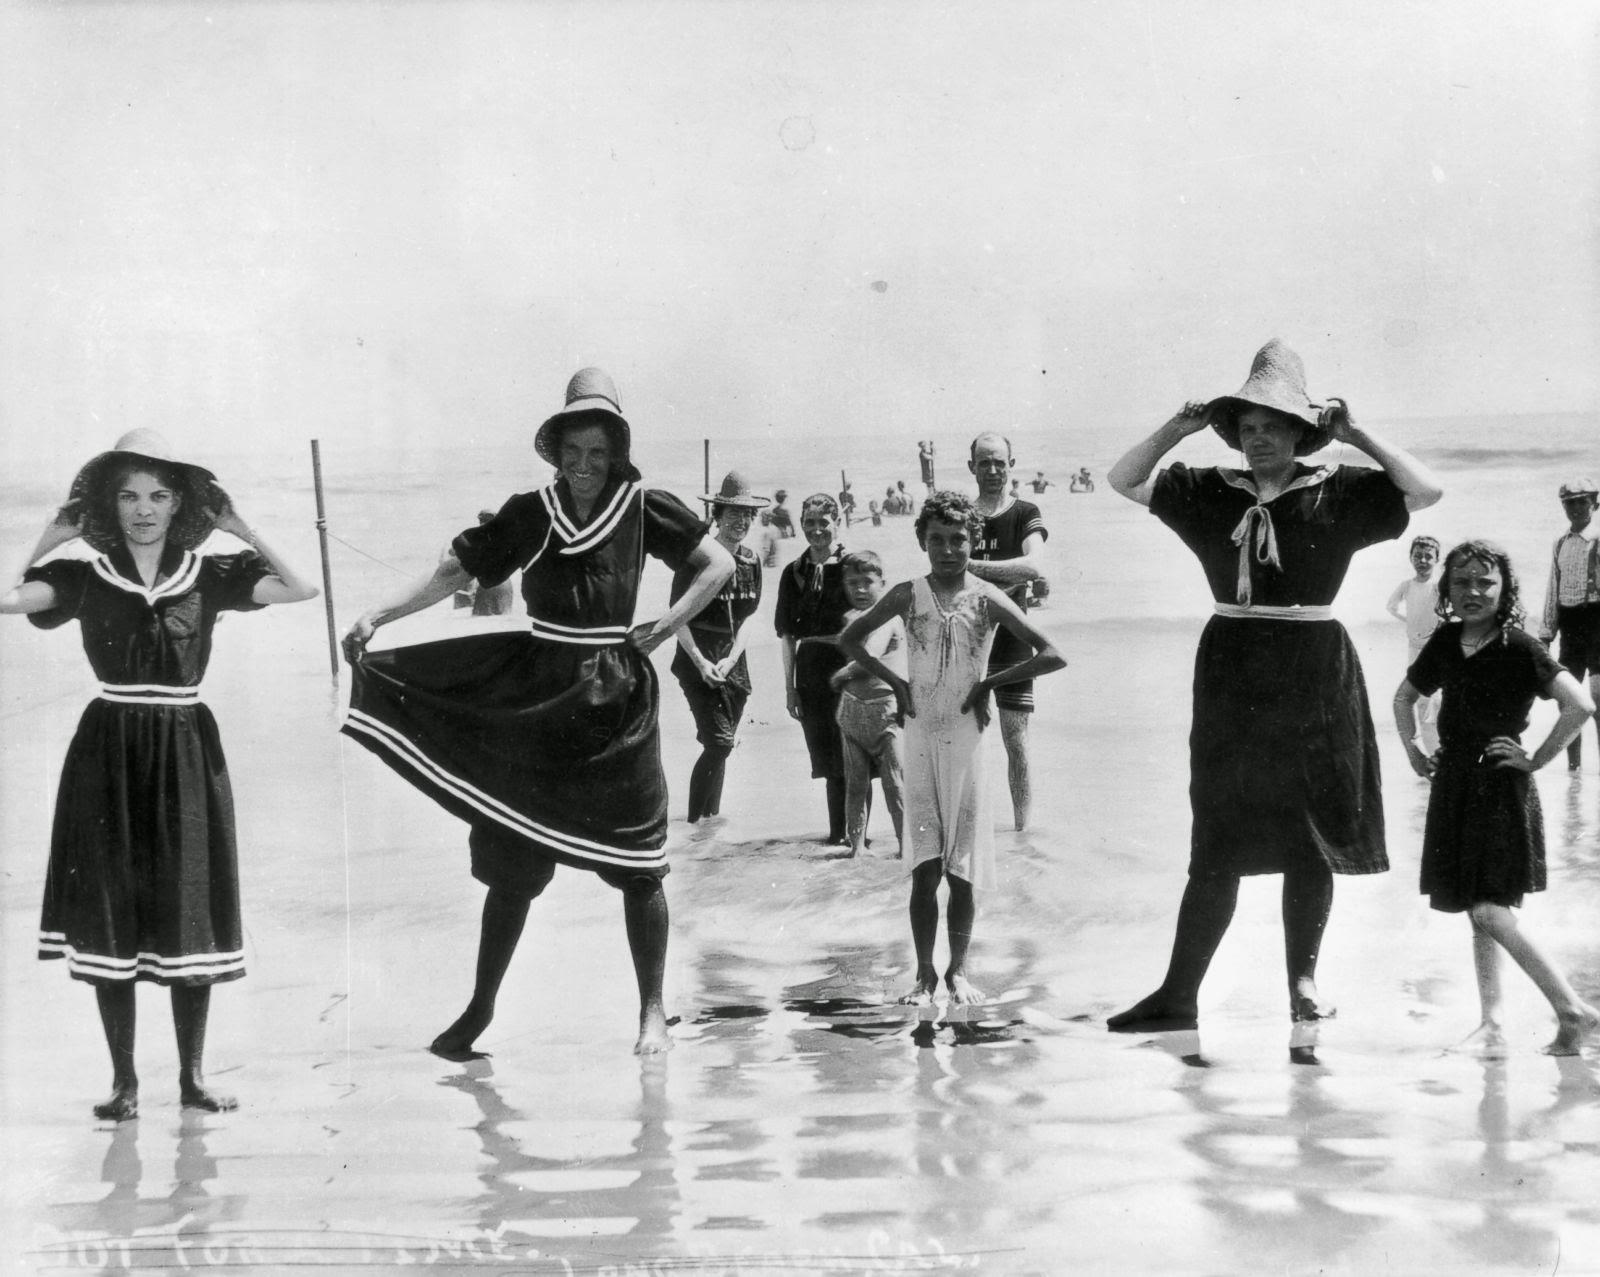 Στην 1920, οι γυναίκες χρησιμοποίησαν φορέματα, κάλτσες και ακόμη και αθλητικά παπούτσια